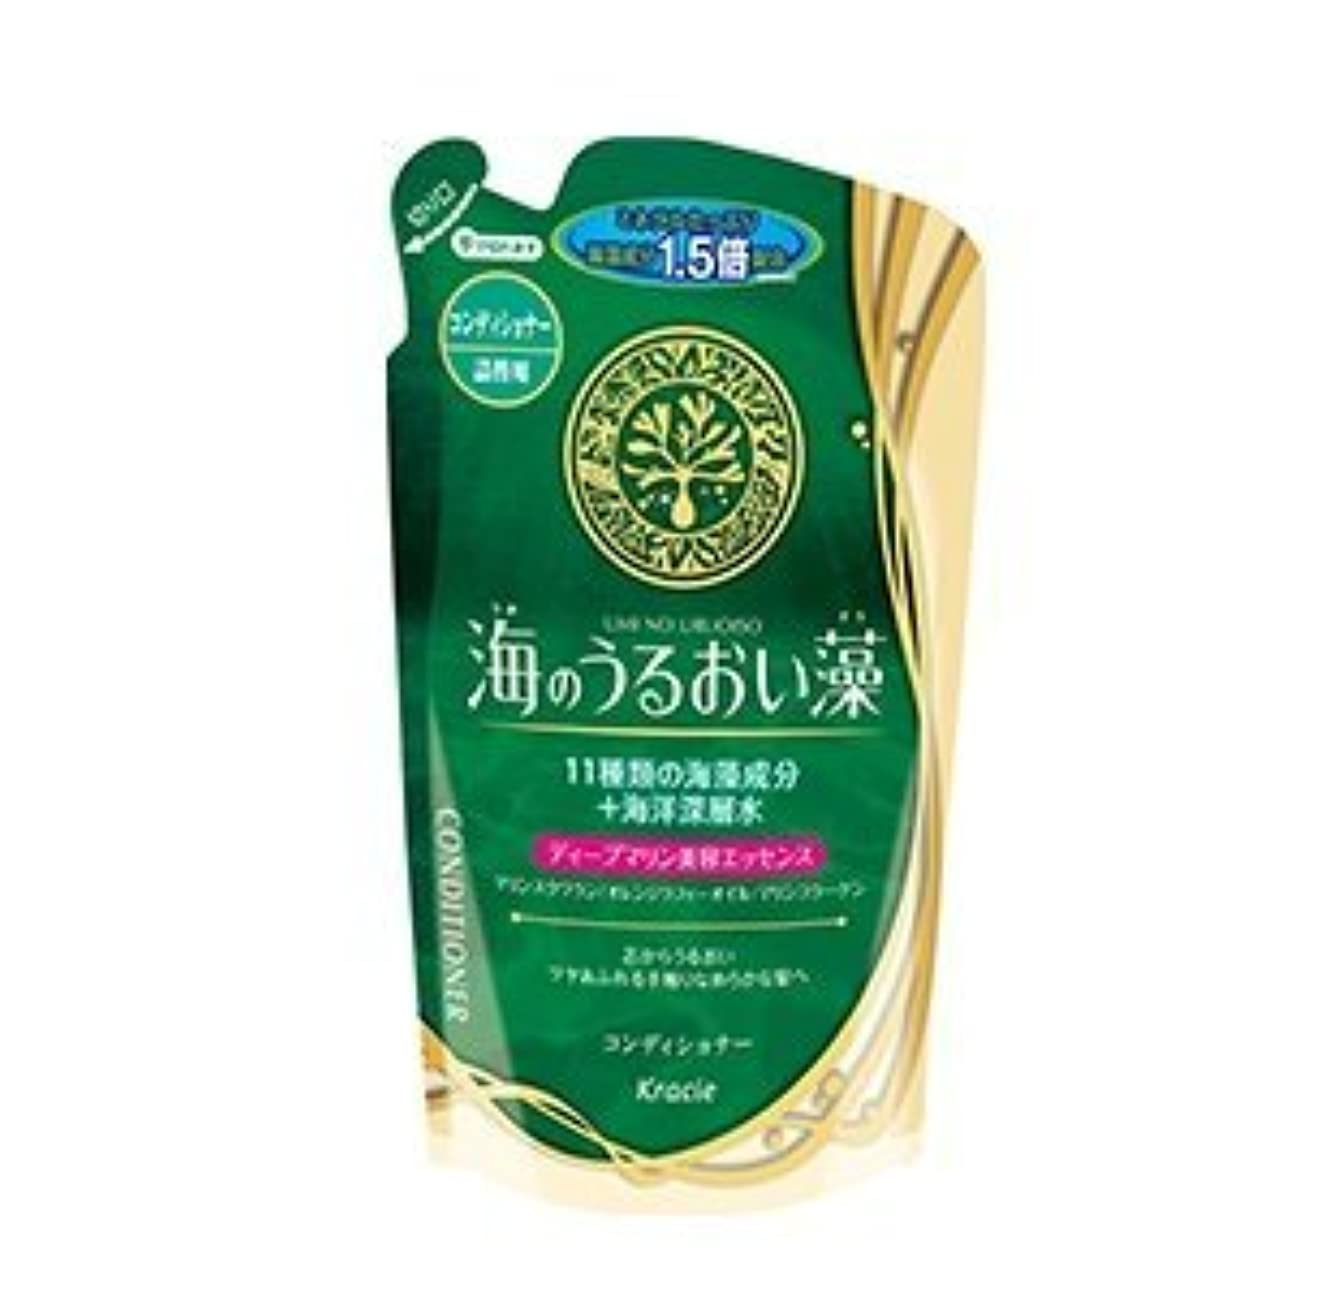 仮定必須ルーム【まとめ買い】海のうるおい藻 コンディショナー 詰替用 420mL ×2セット